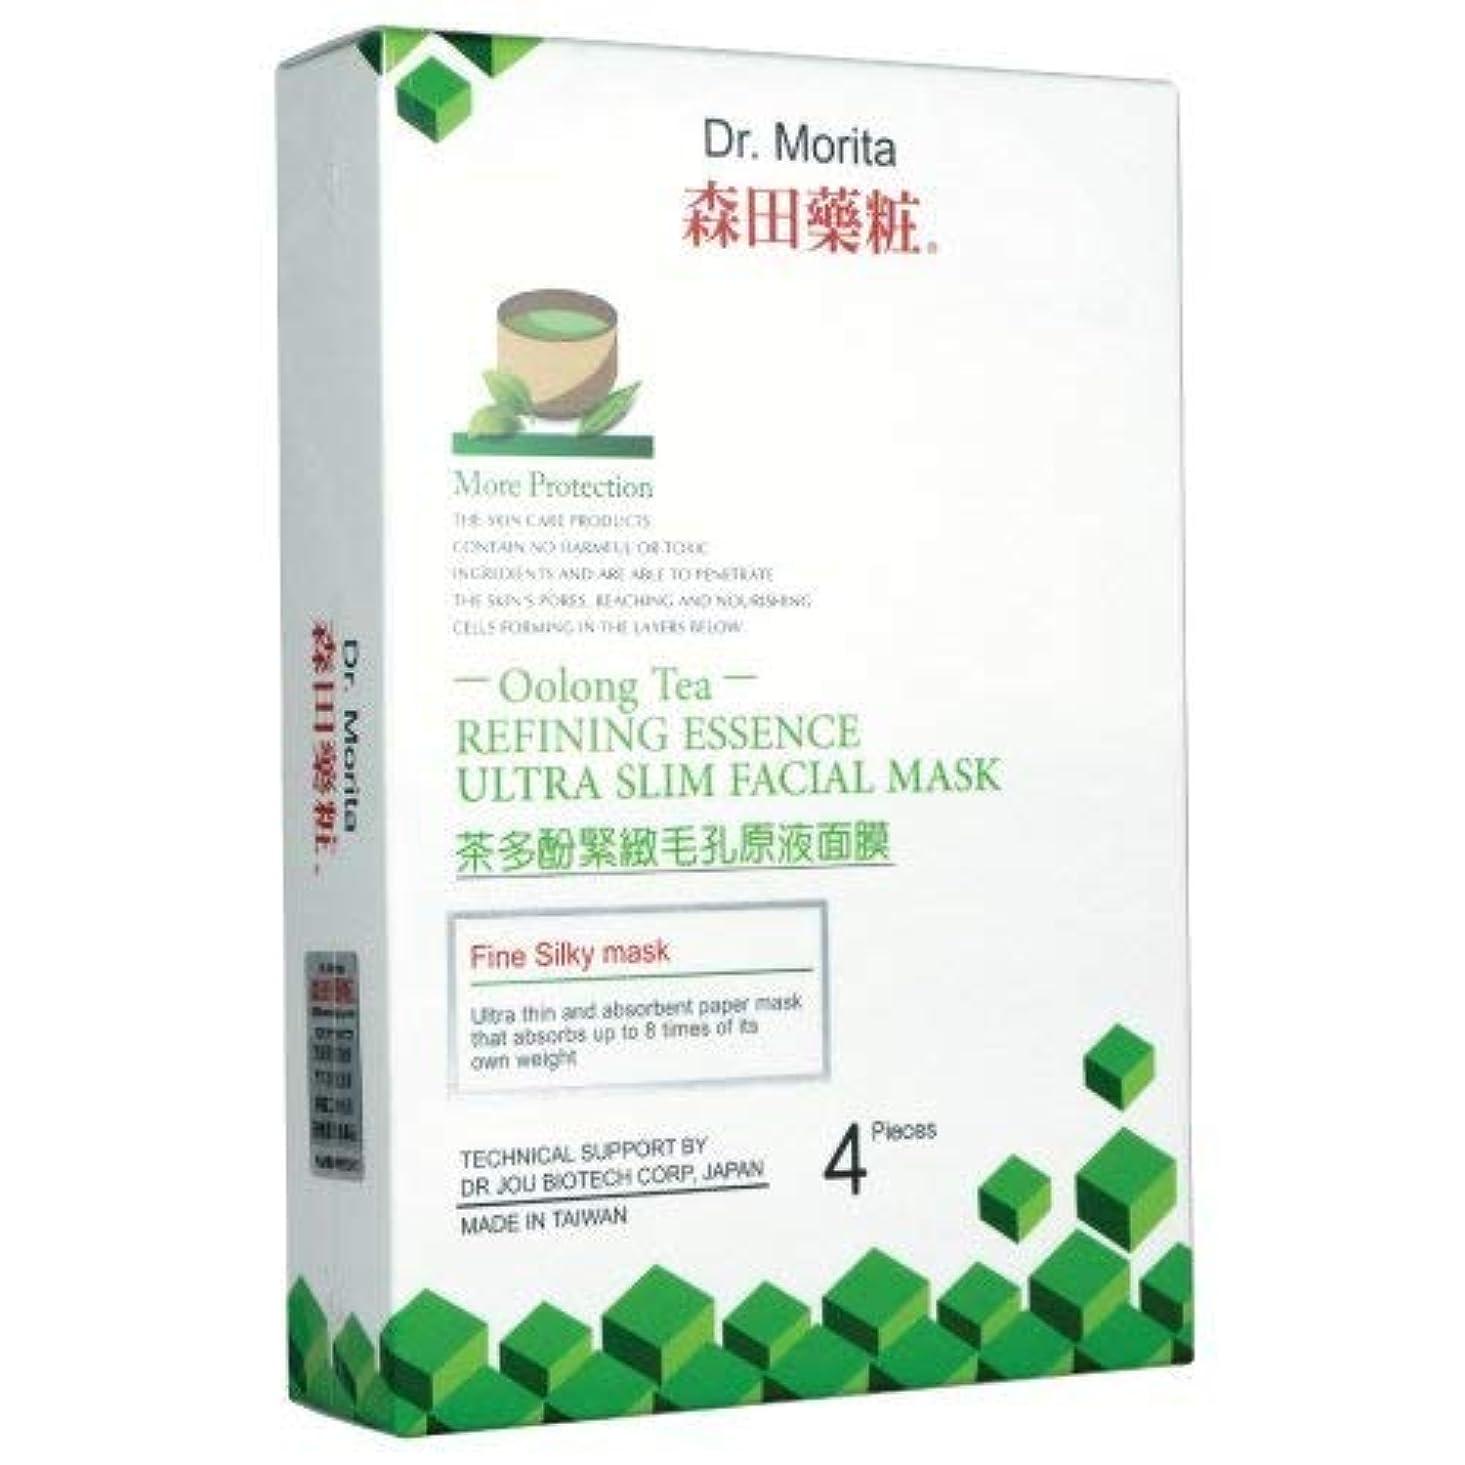 範囲ピニオン状Doctor Morita (ウーロン茶)洗練されたエッセンス超スリムフェイシャルマスクは4肌を修復し、目に見える毛穴を引き締め、肌の質感の向上に役立ちます。